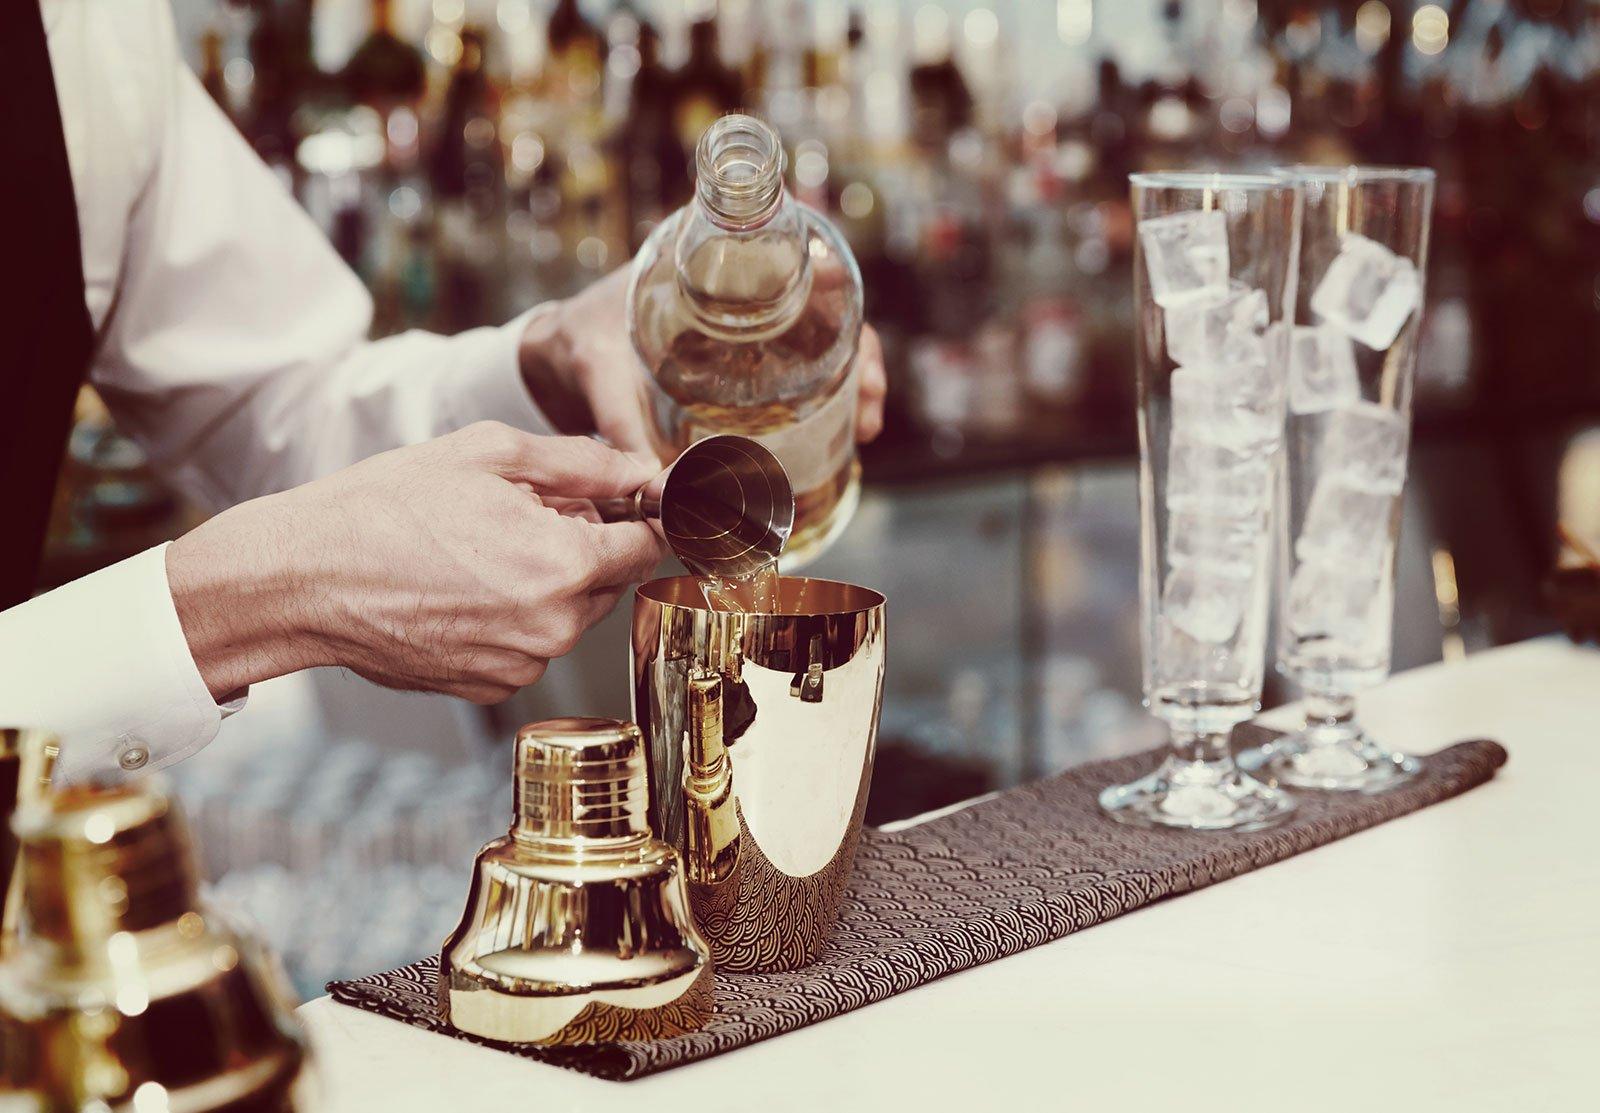 Mettendo liquore nella coctelera